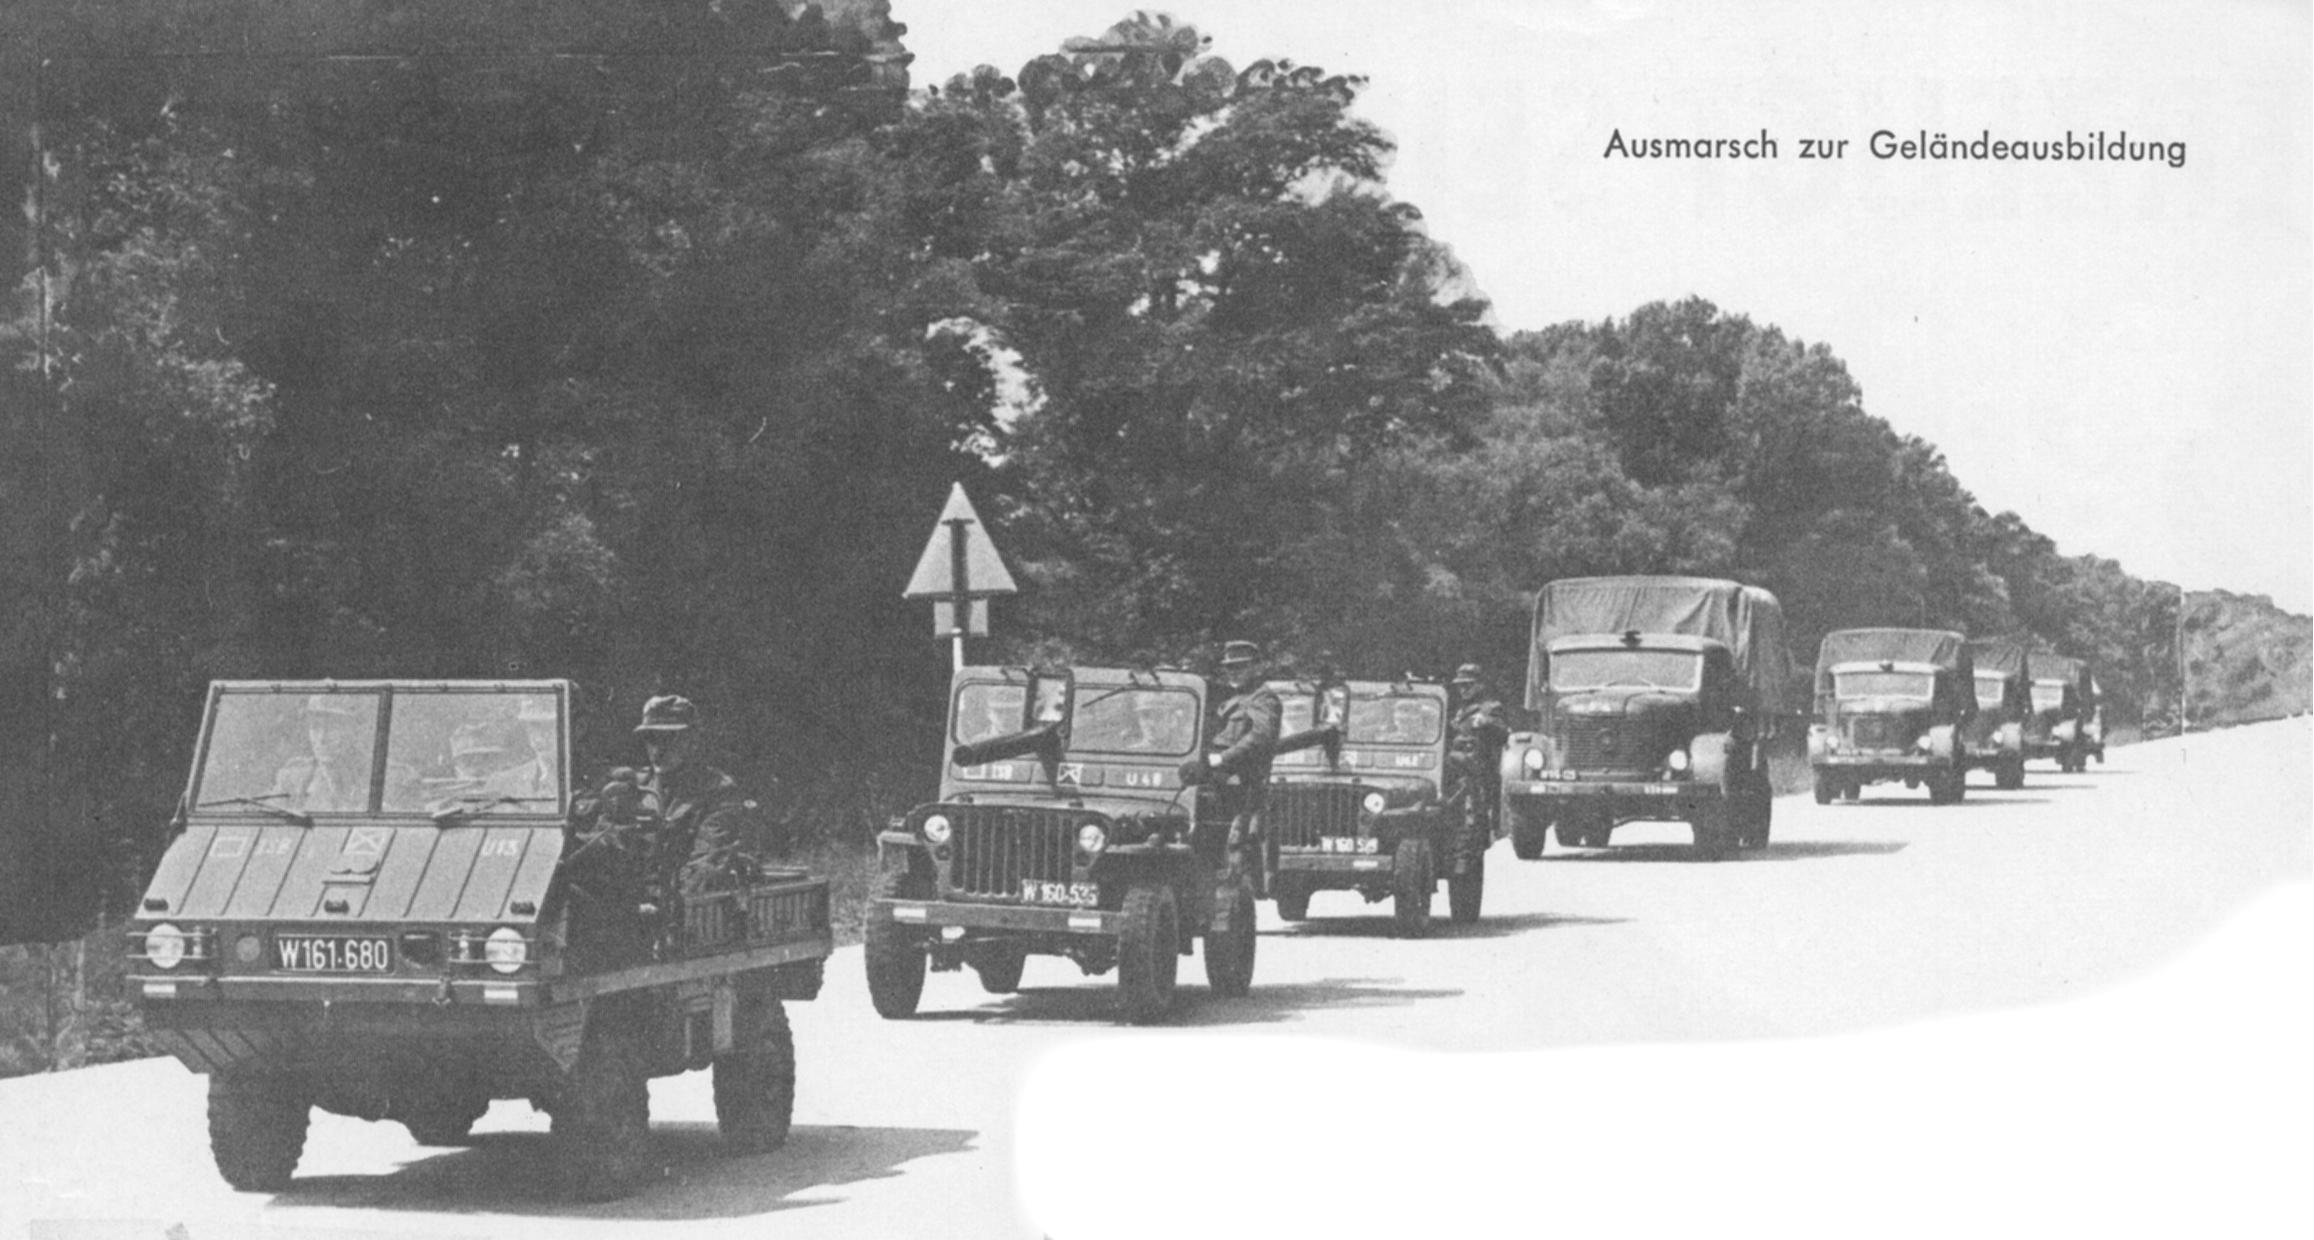 D:\Archiv Nemeth\Fzg-Gerät-Ausrüstung\Fahrzeuge\Mehrspurige Kfz\BH Fahrzeuge\BH Fahrzeuge Kolonne\Kolonne1961.JPG